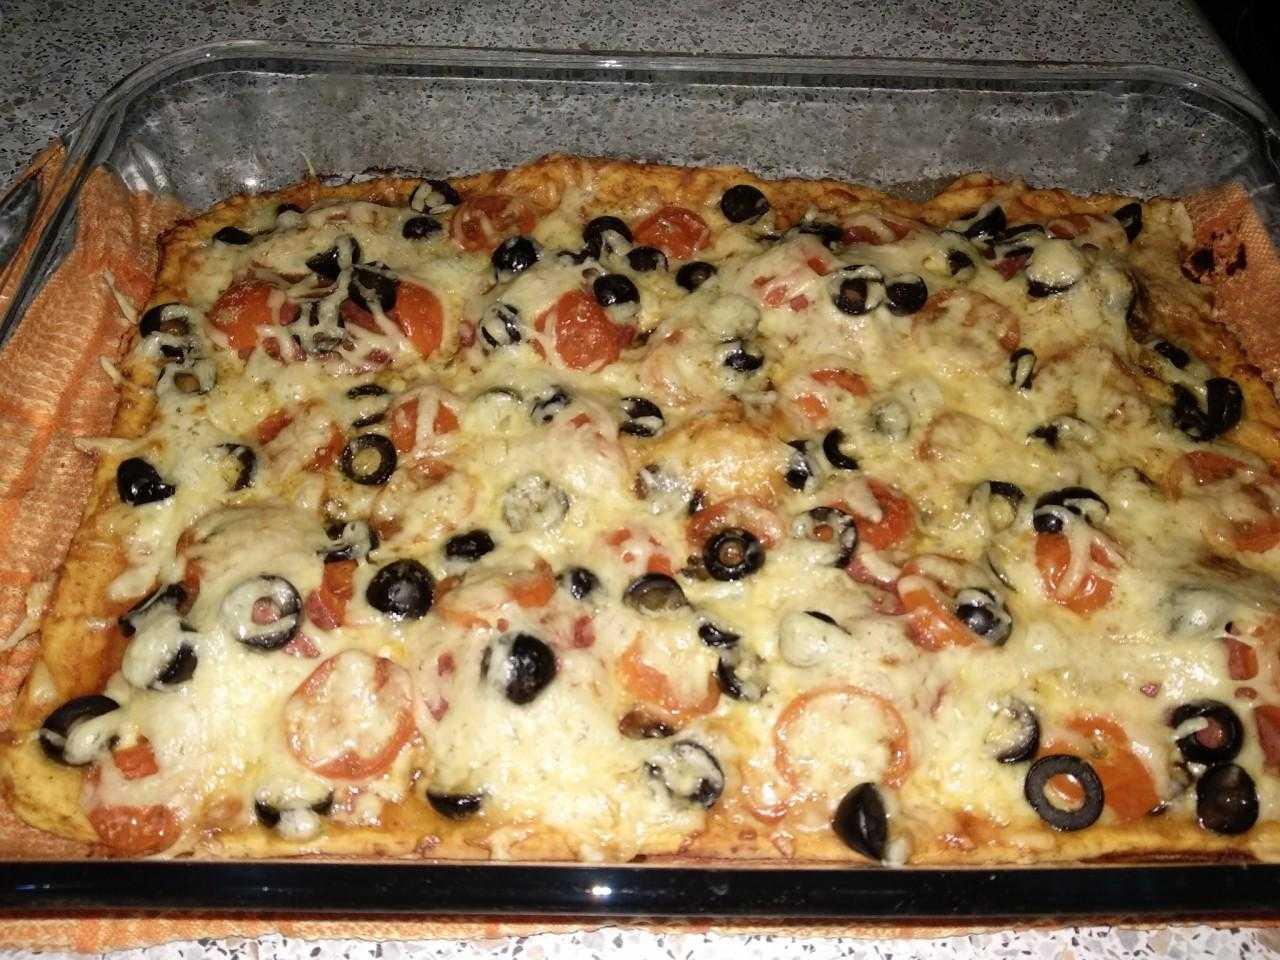 Пицца с грибами, сыром, помидорами, колбасой и другими ингредиентами: фото и рецепты приготовления